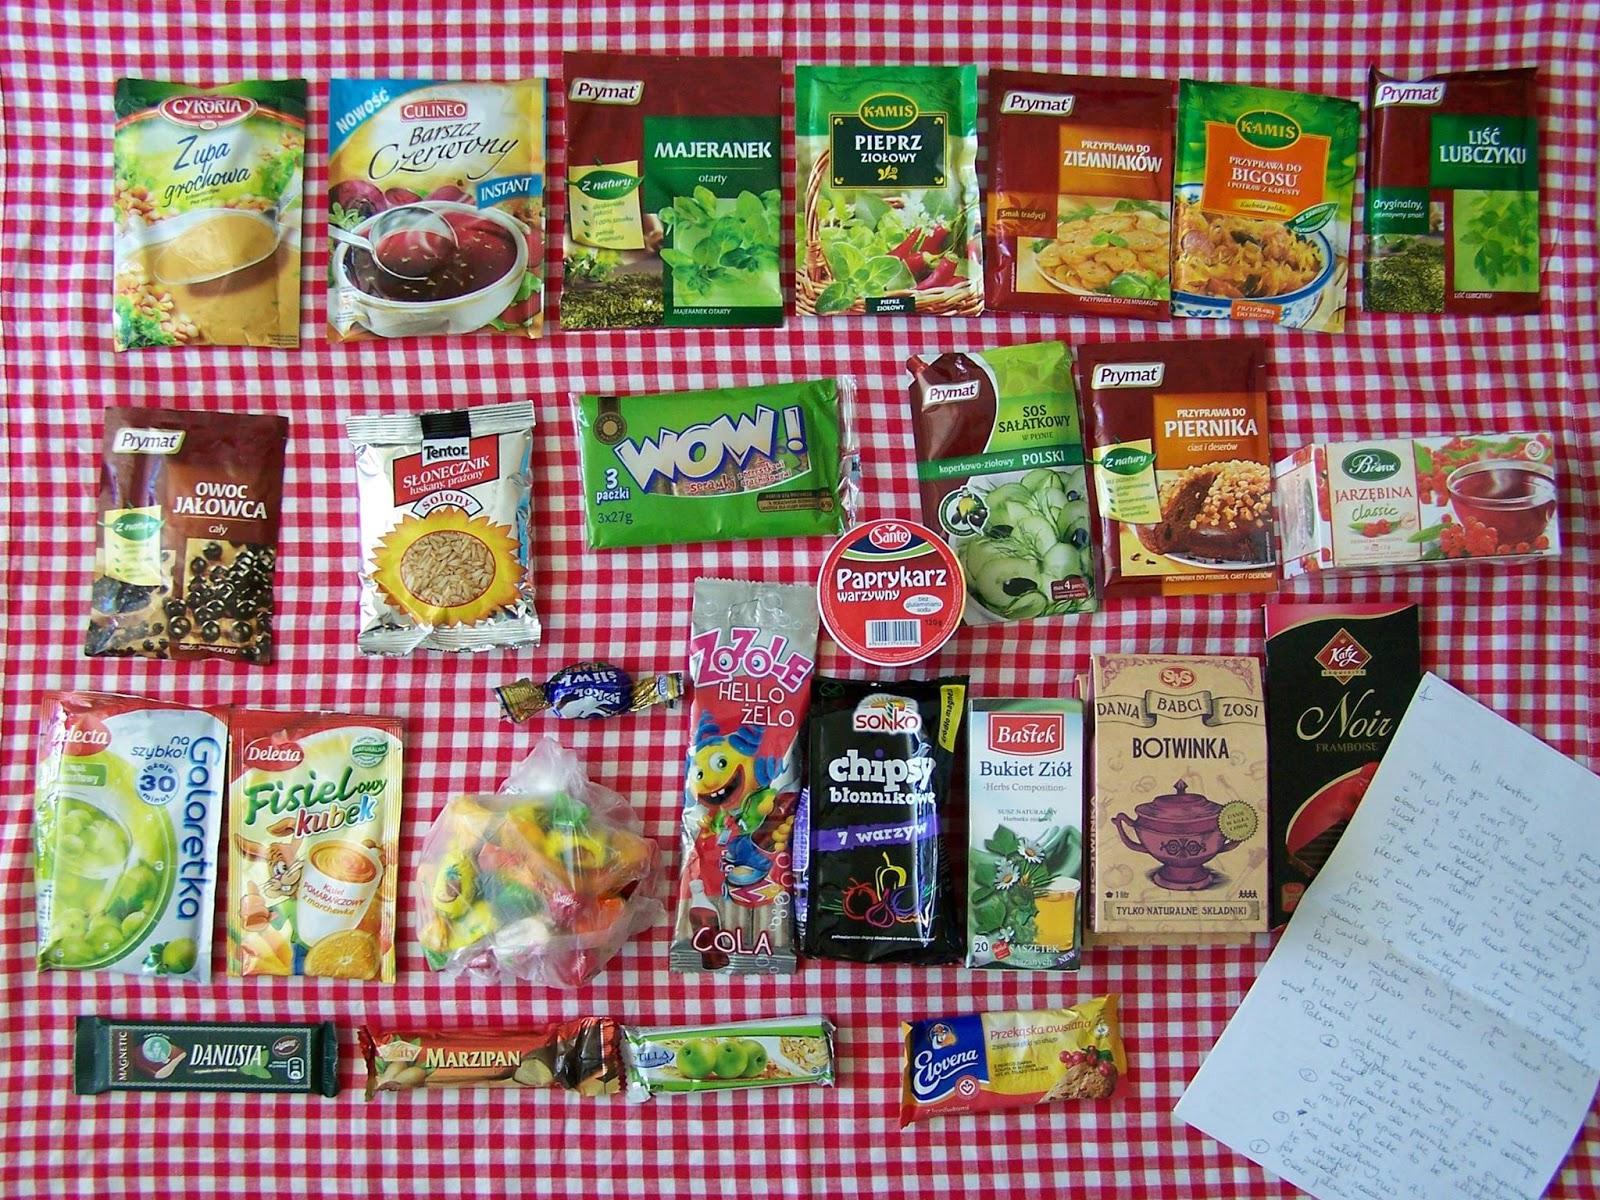 produkty-weganskie-sklep-internetowy-5